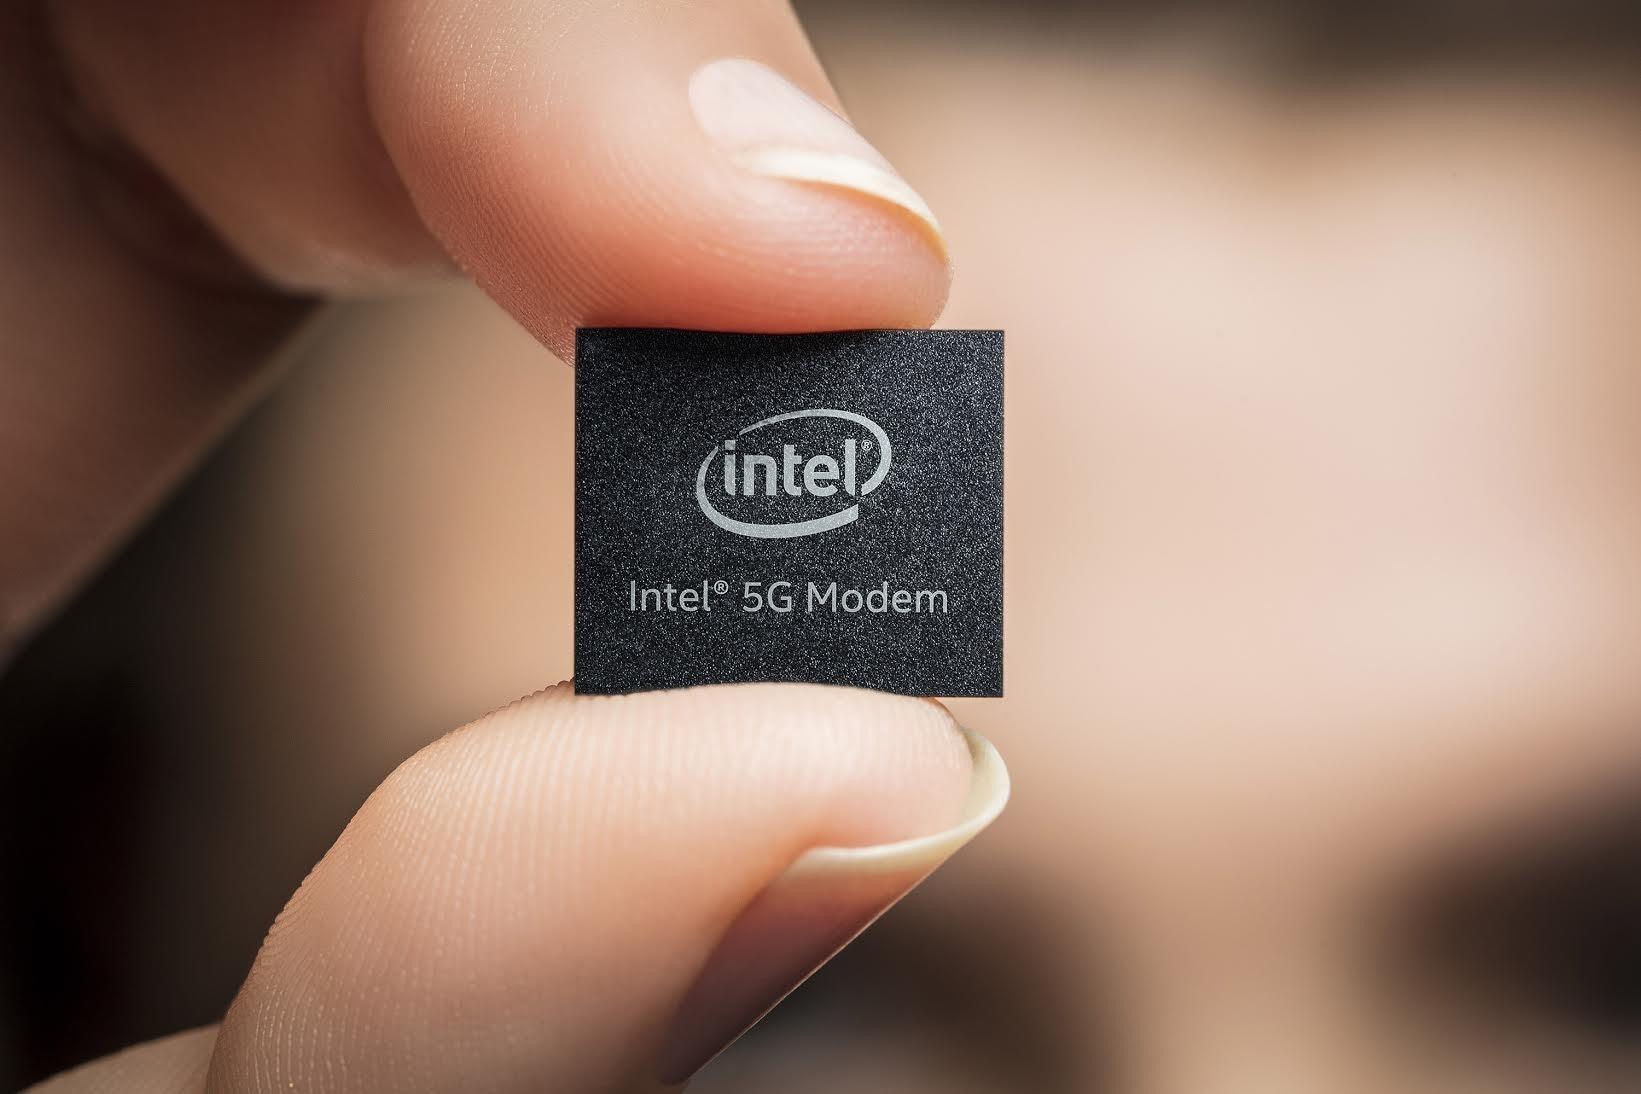 是Intel 數據機技術邁入 5G gigabit 世代,打通 5G 轉型之路這篇文章的首圖